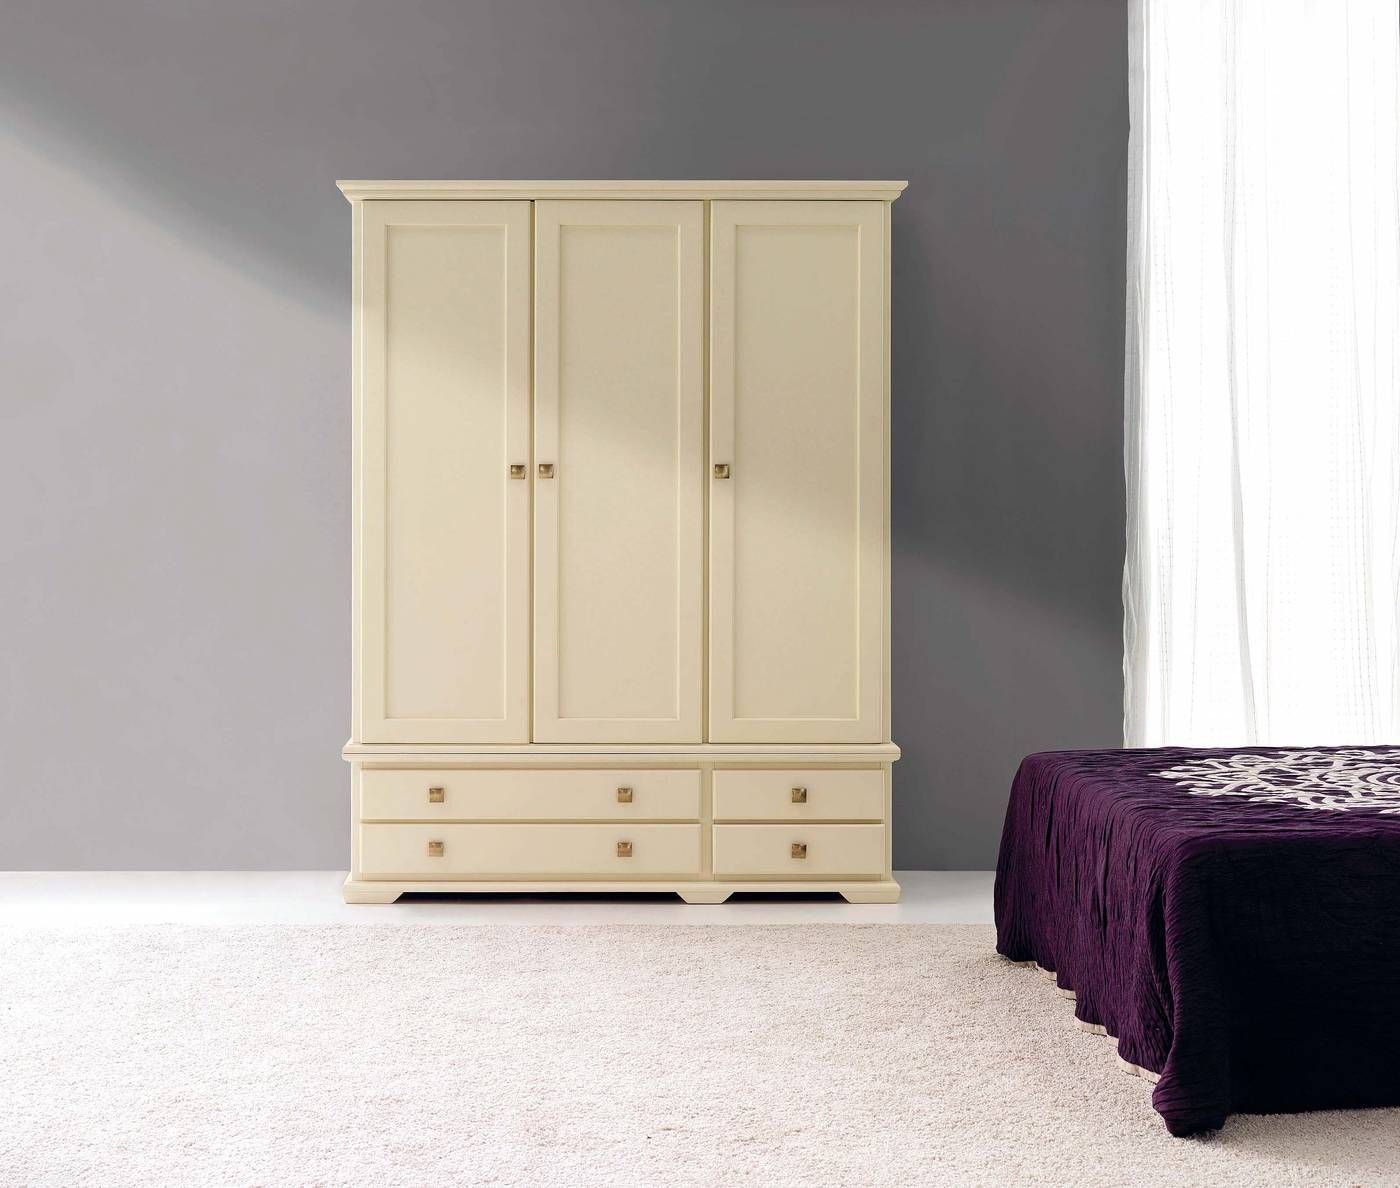 Armario ropero de 2 o 4 cajones y 2, 3 o 4 puertas | Closet | Pinterest